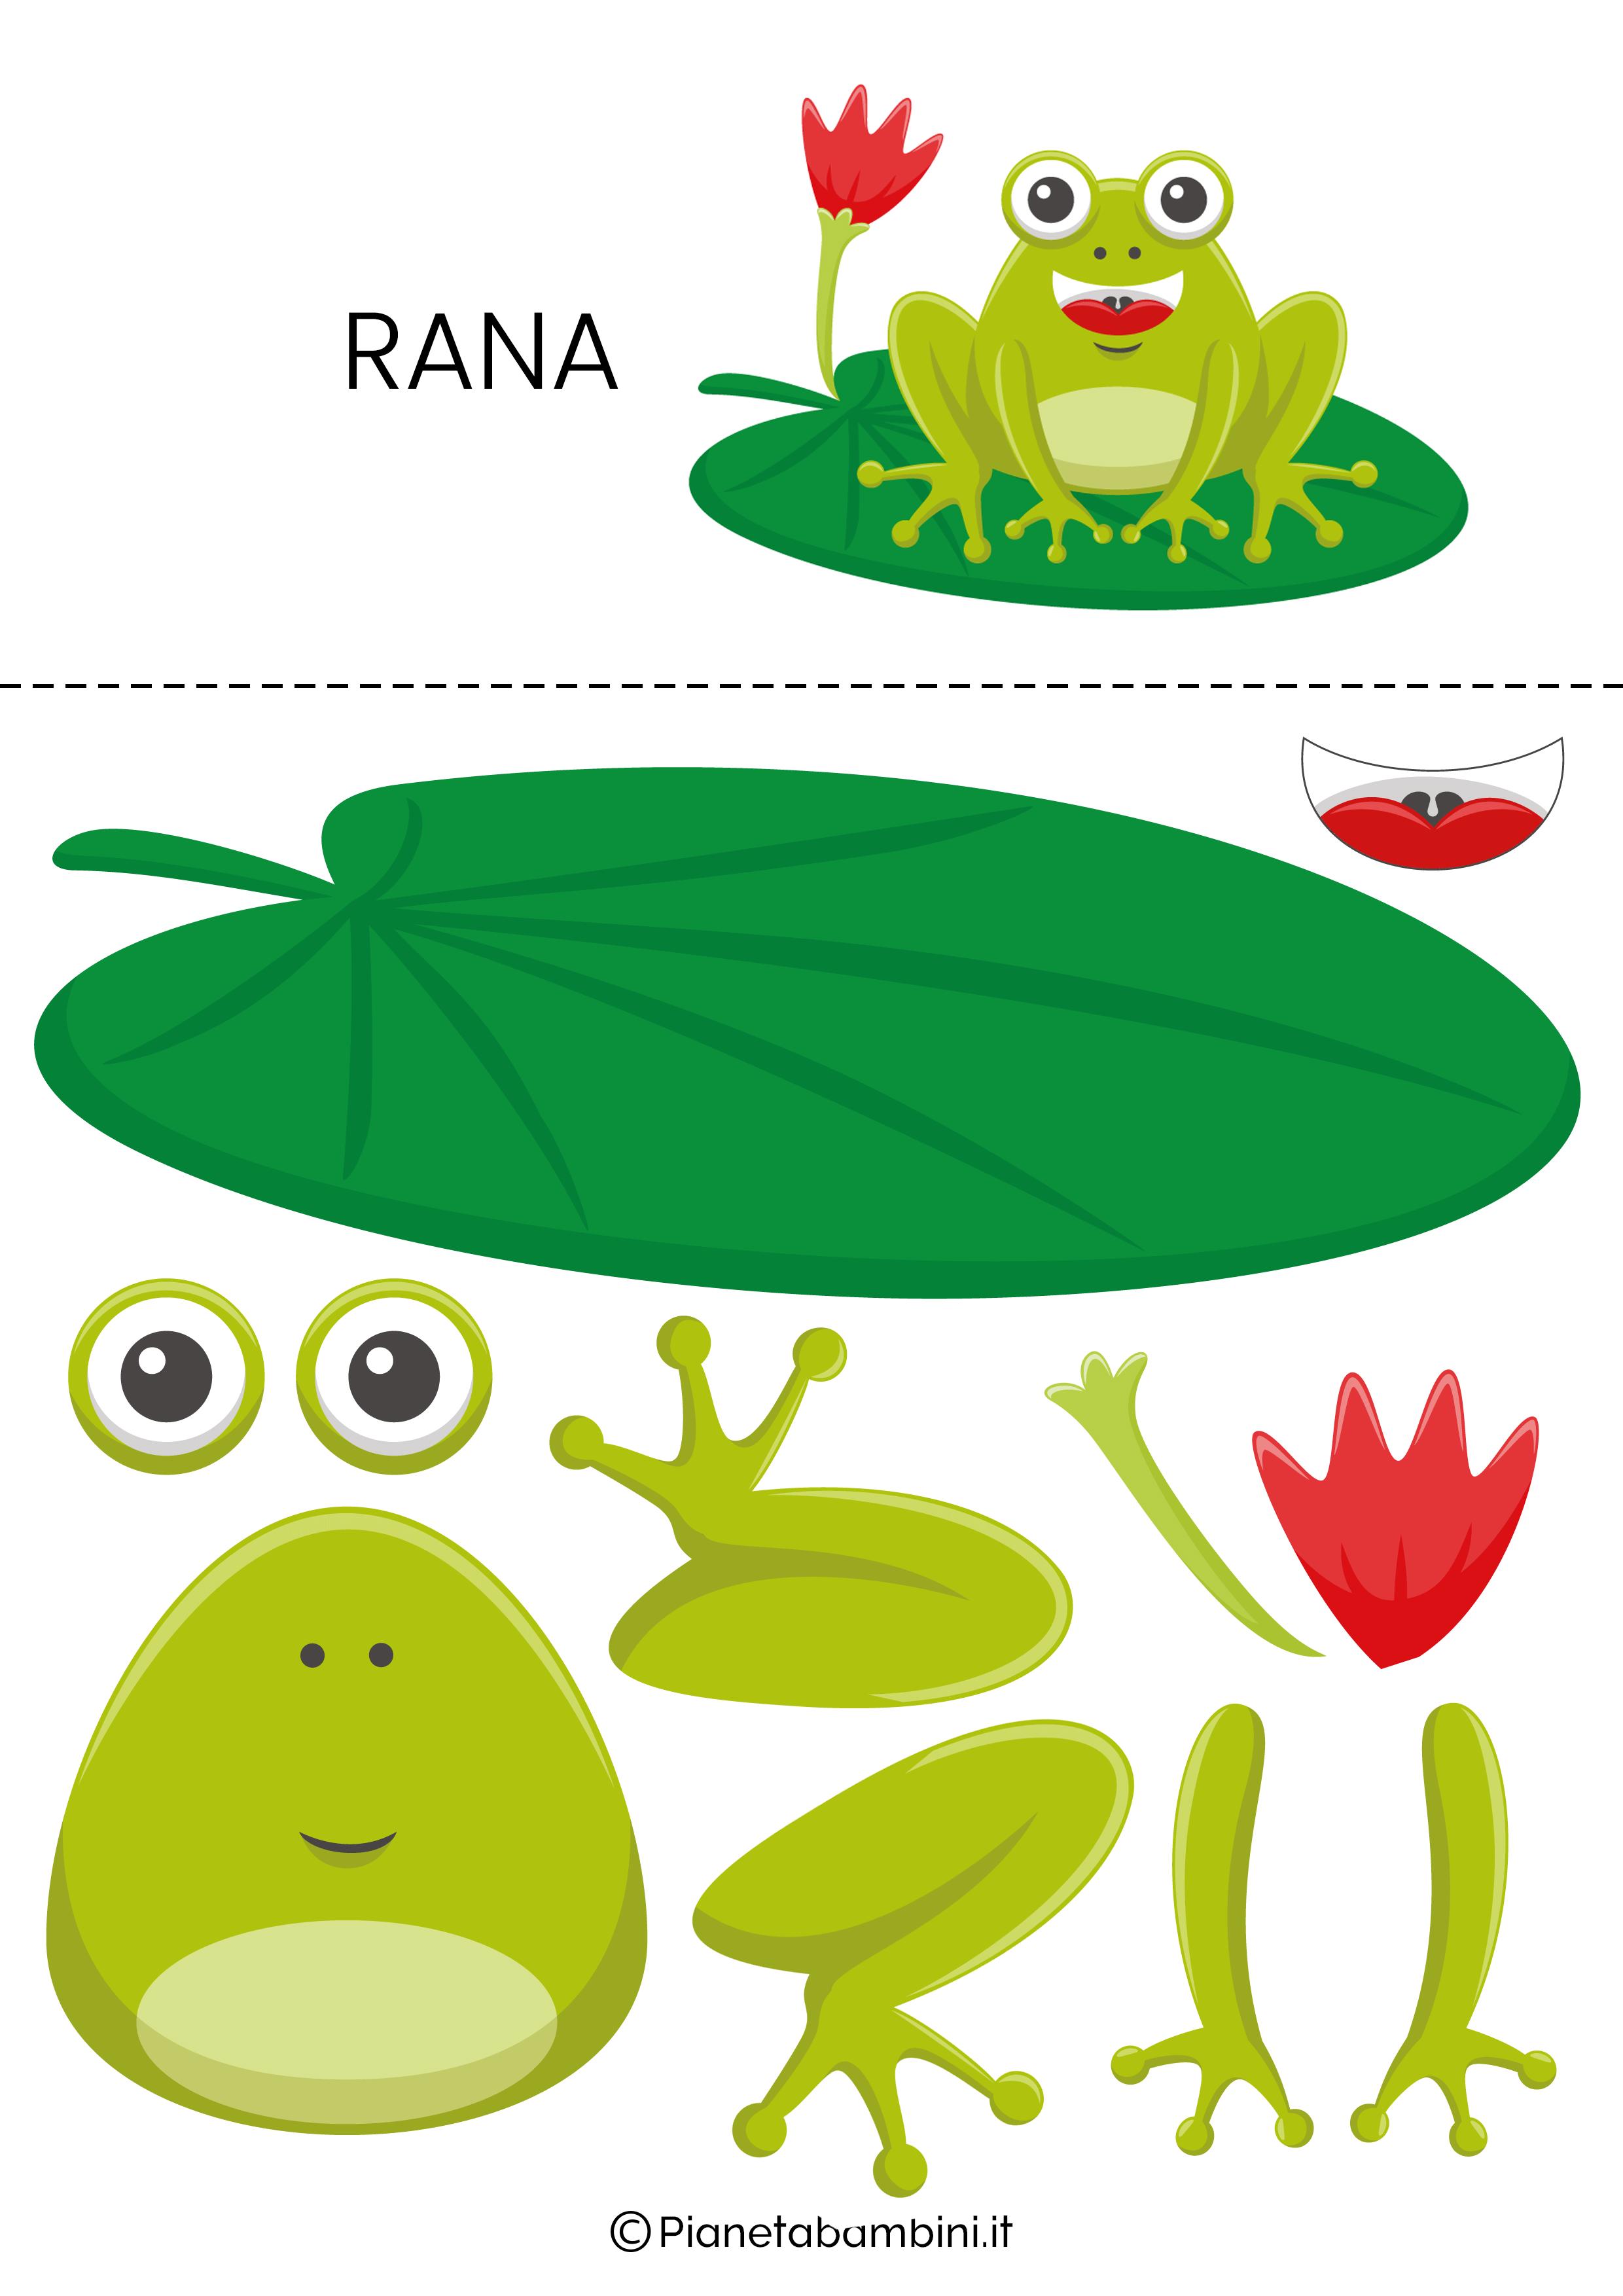 Puzzle da ritagliare e ricomporre sulla rana